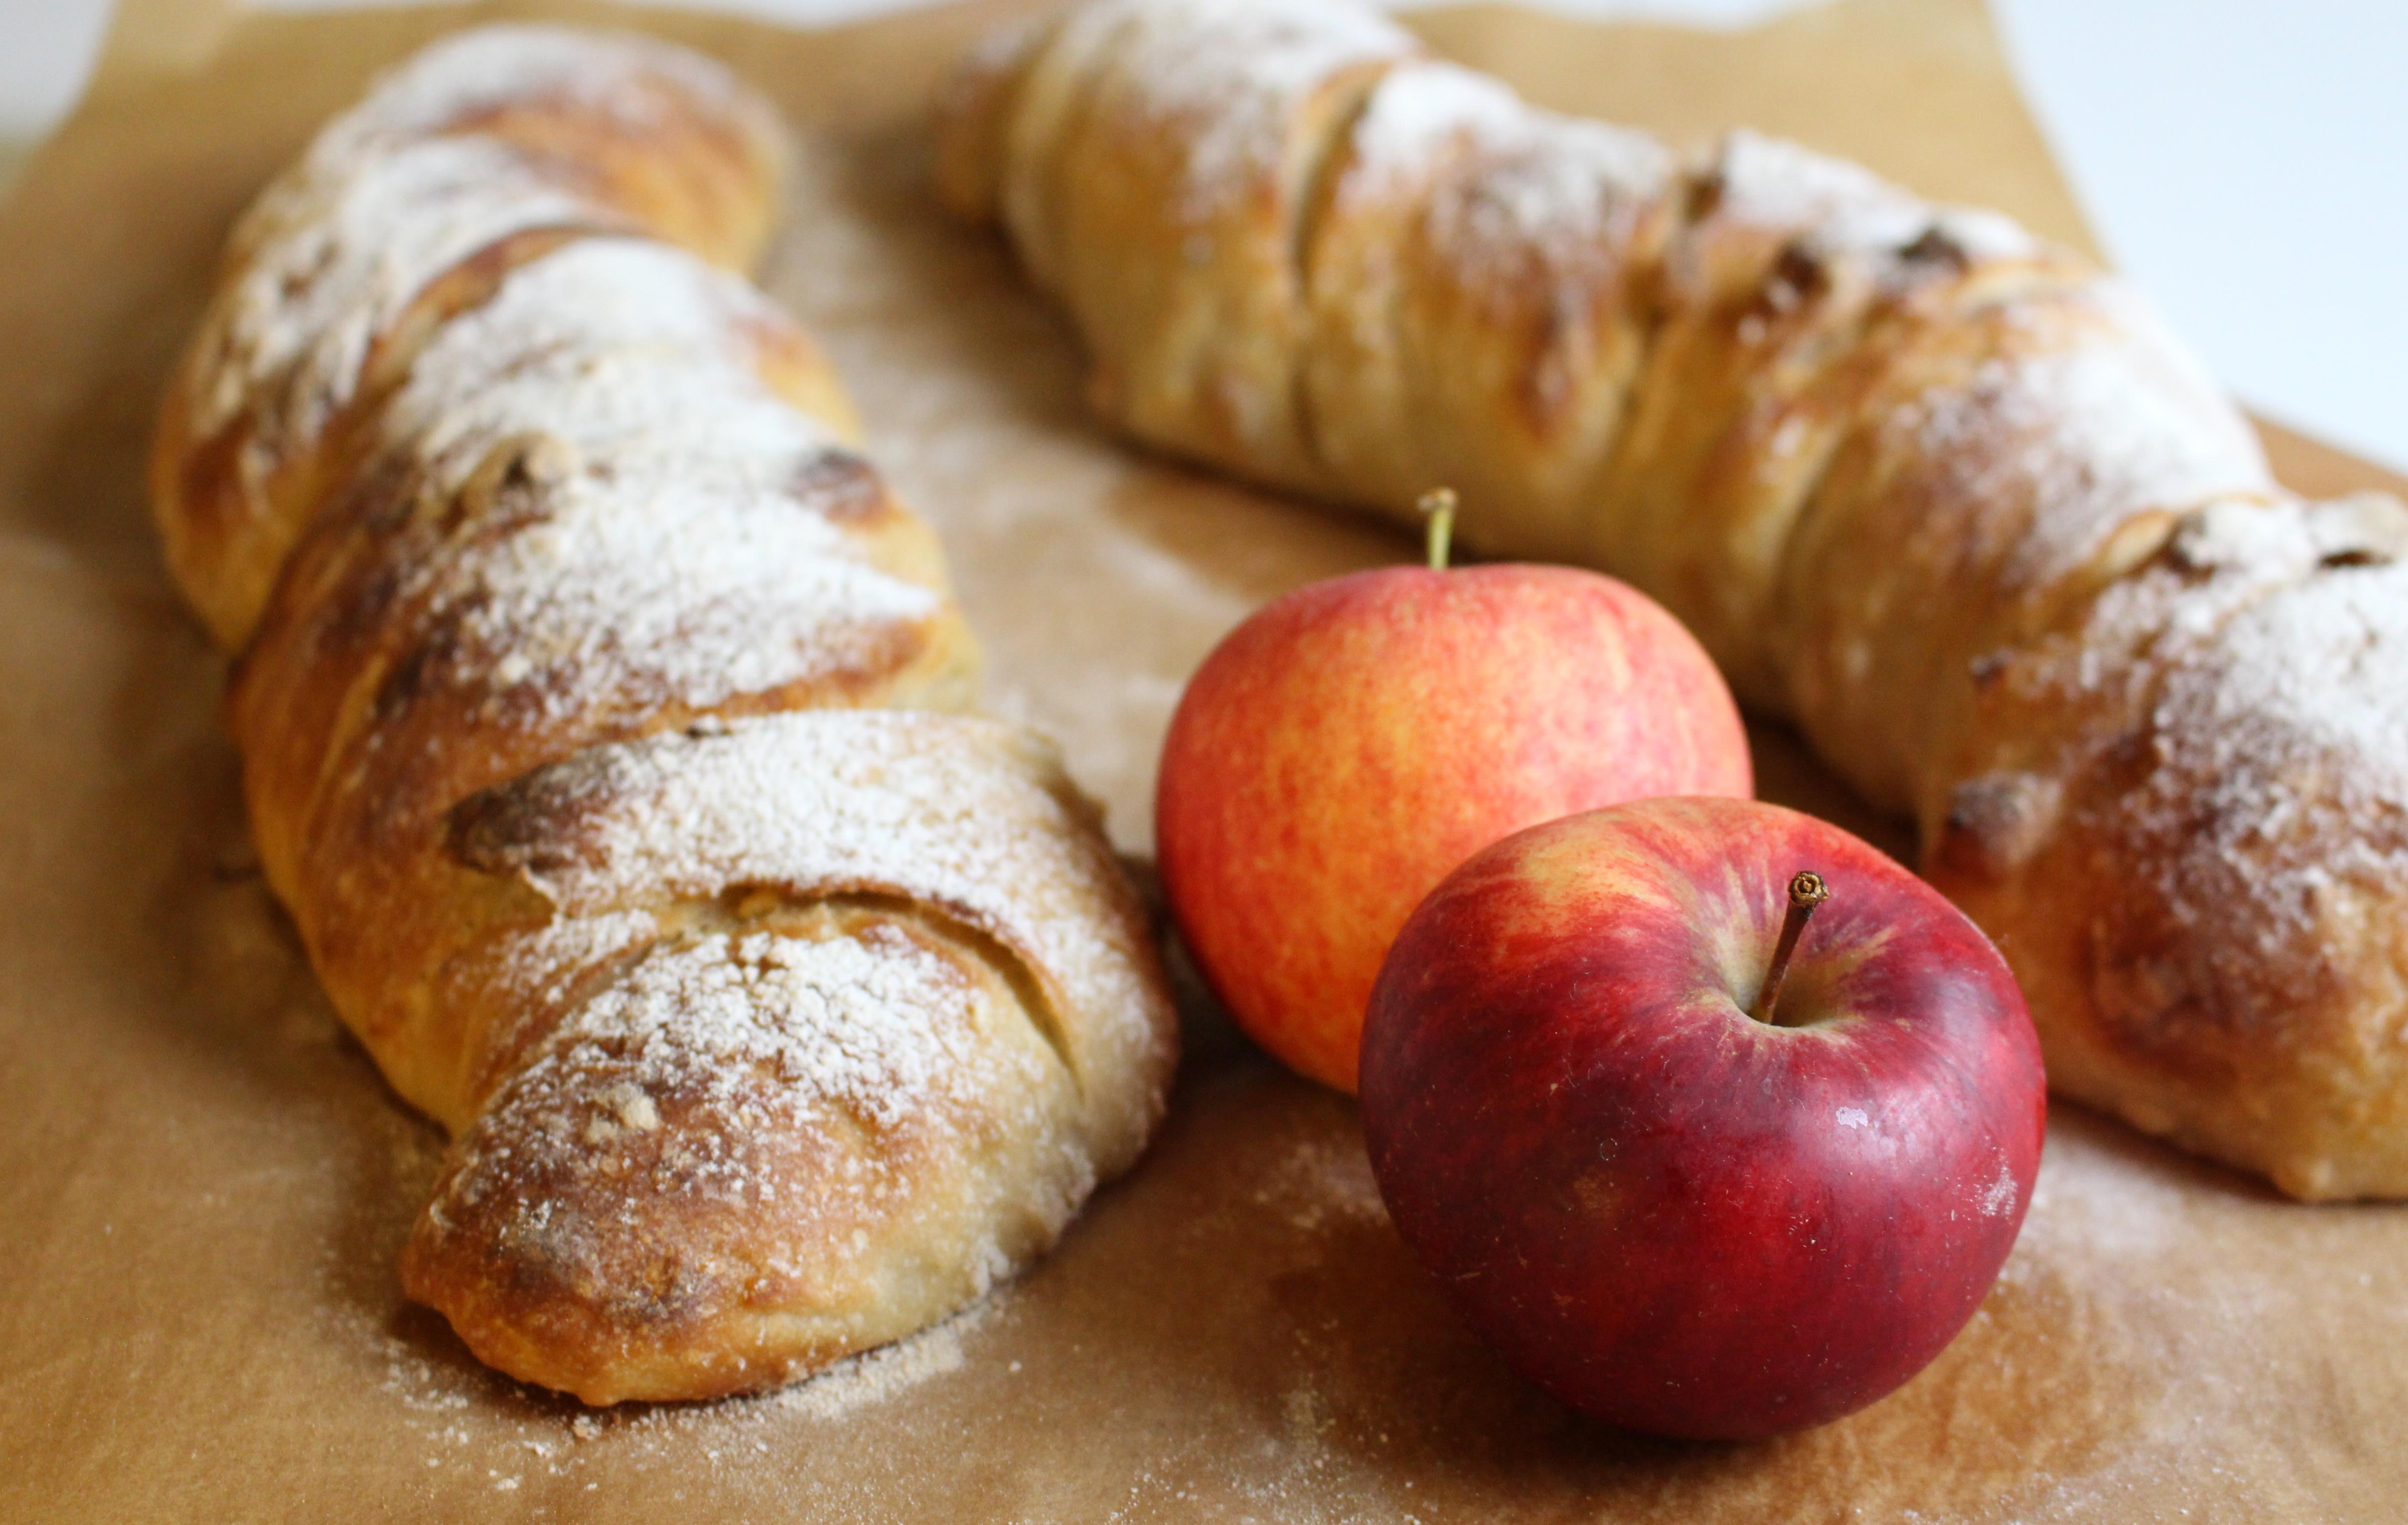 äppelbaguetter helt äpple